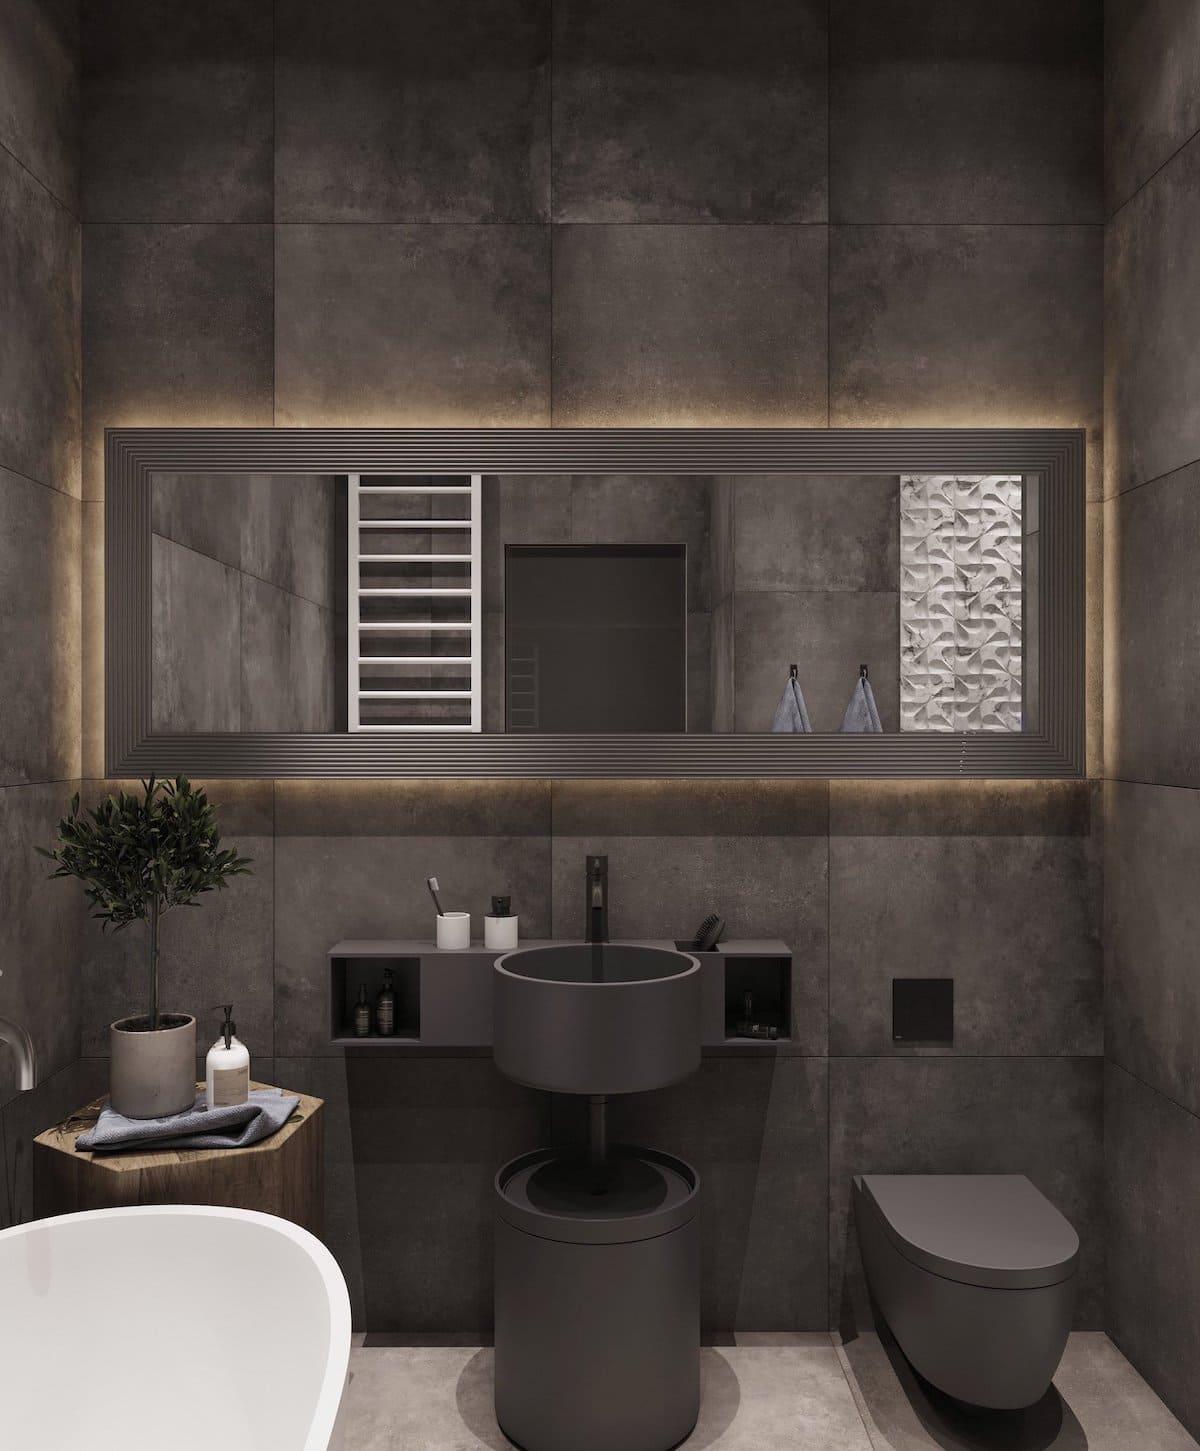 дизайн интерьера ванной комнаты фото 79